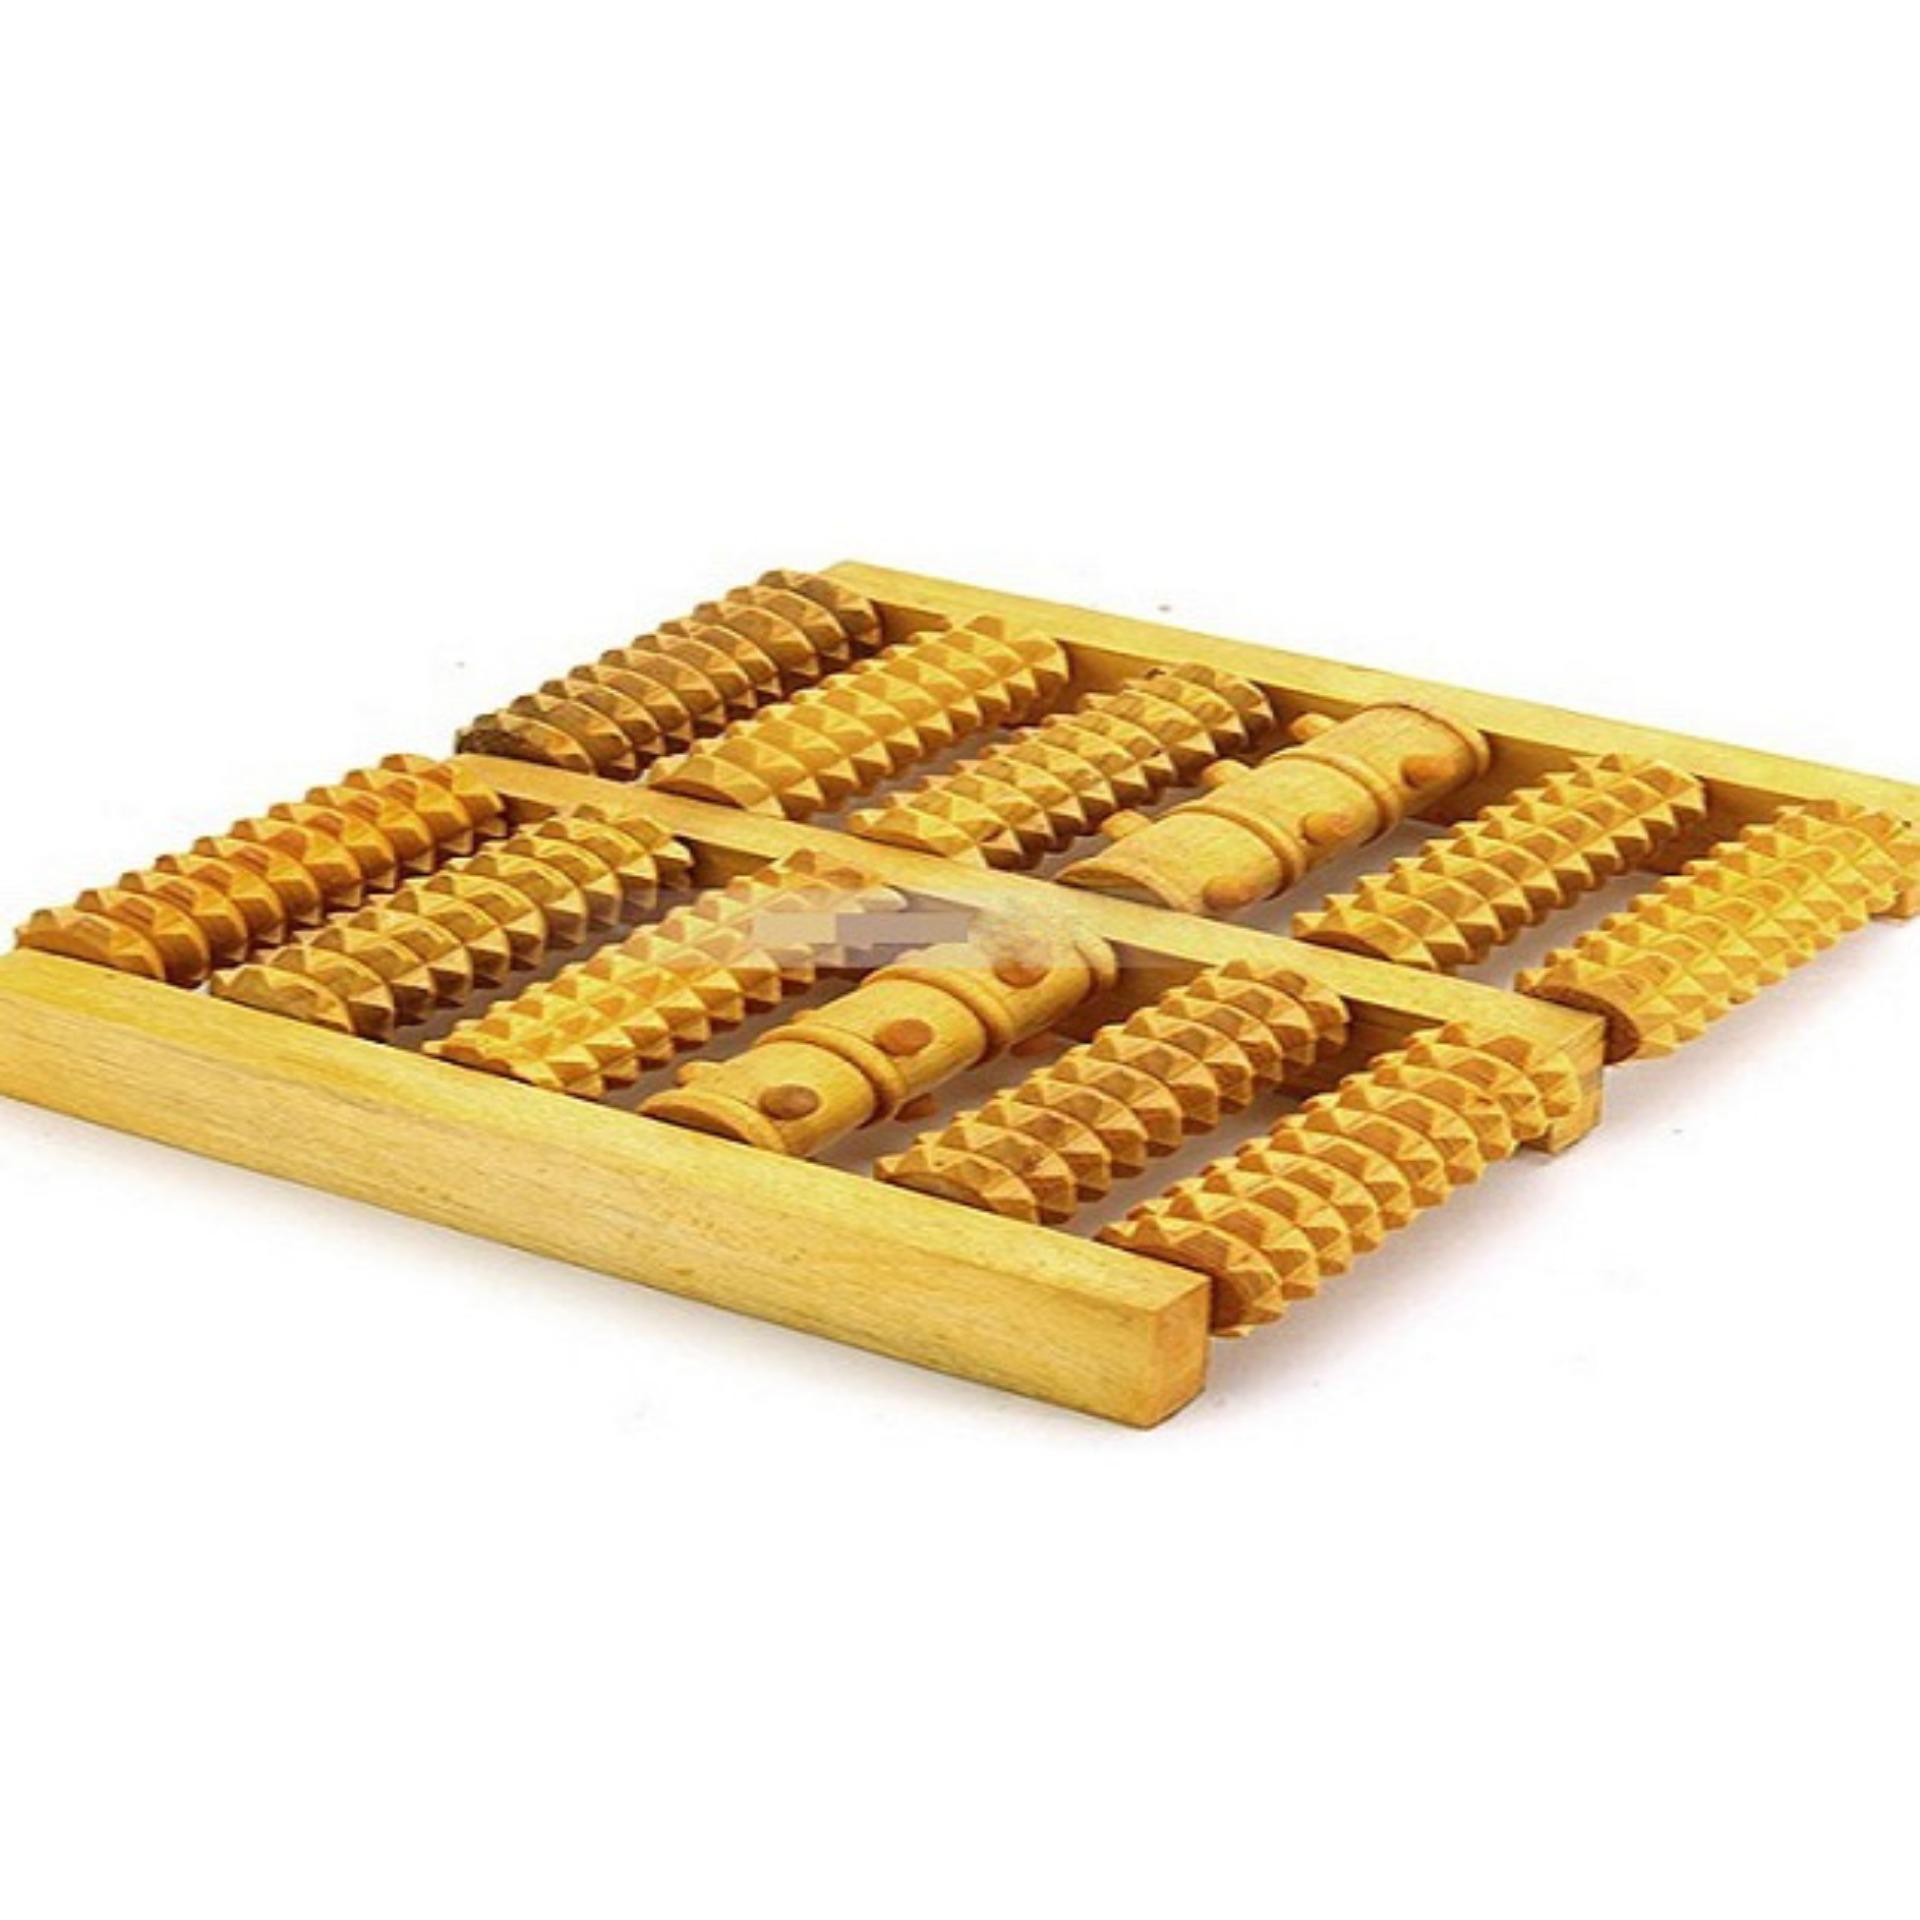 Bàn lăn chân bằng gỗ chính hãng